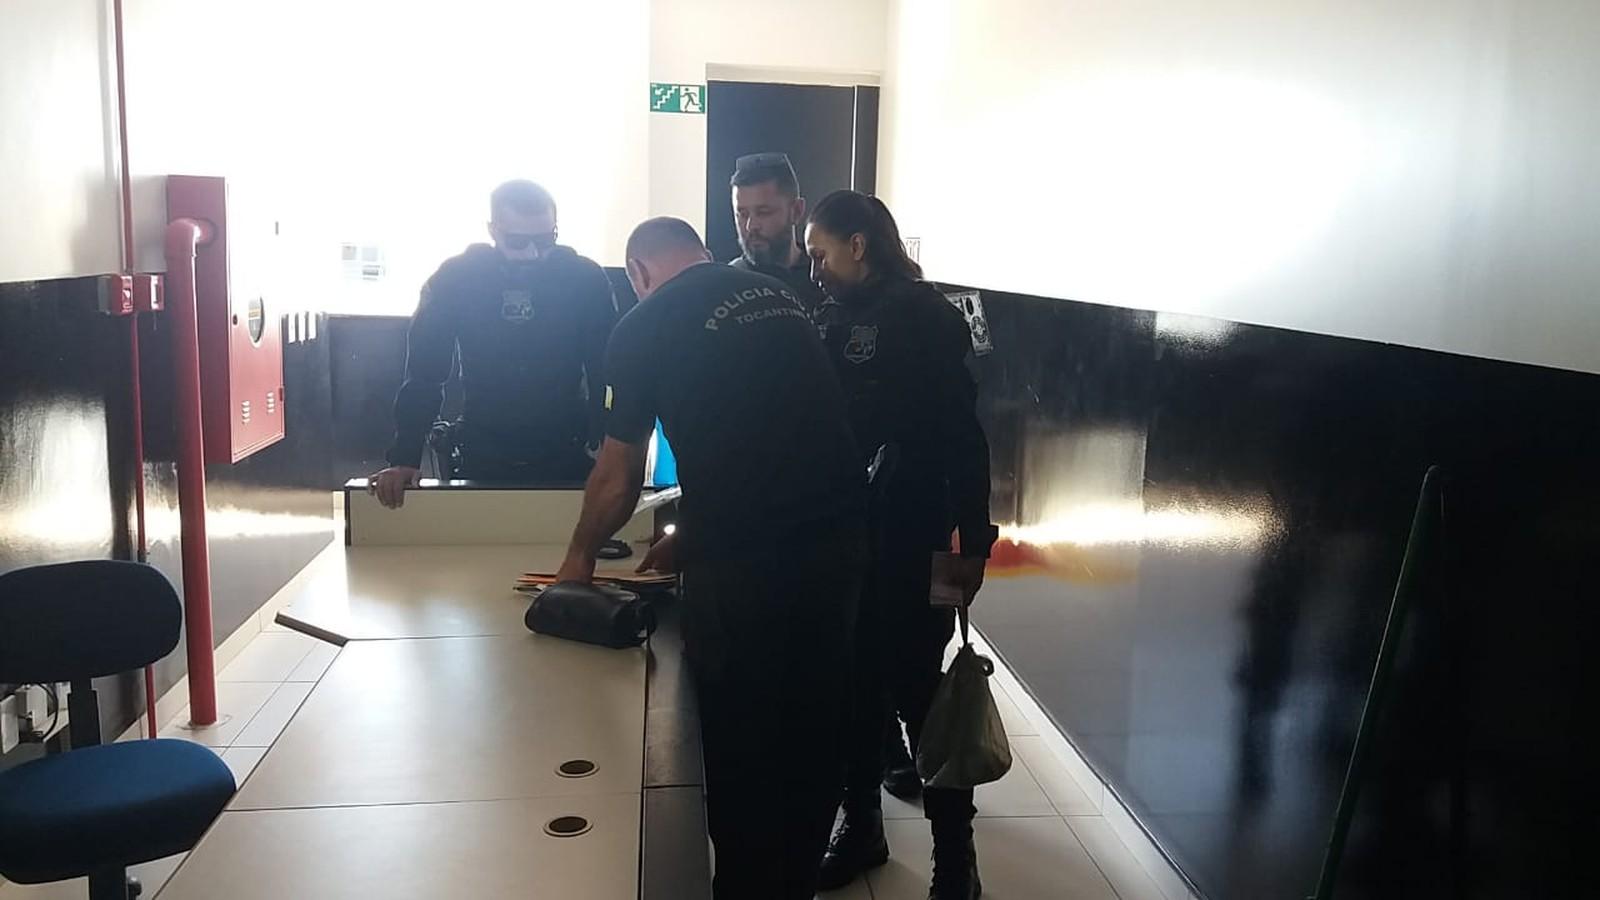 Filho de vice-prefeito é preso suspeito de participar de fraudes em vistoria do Detran